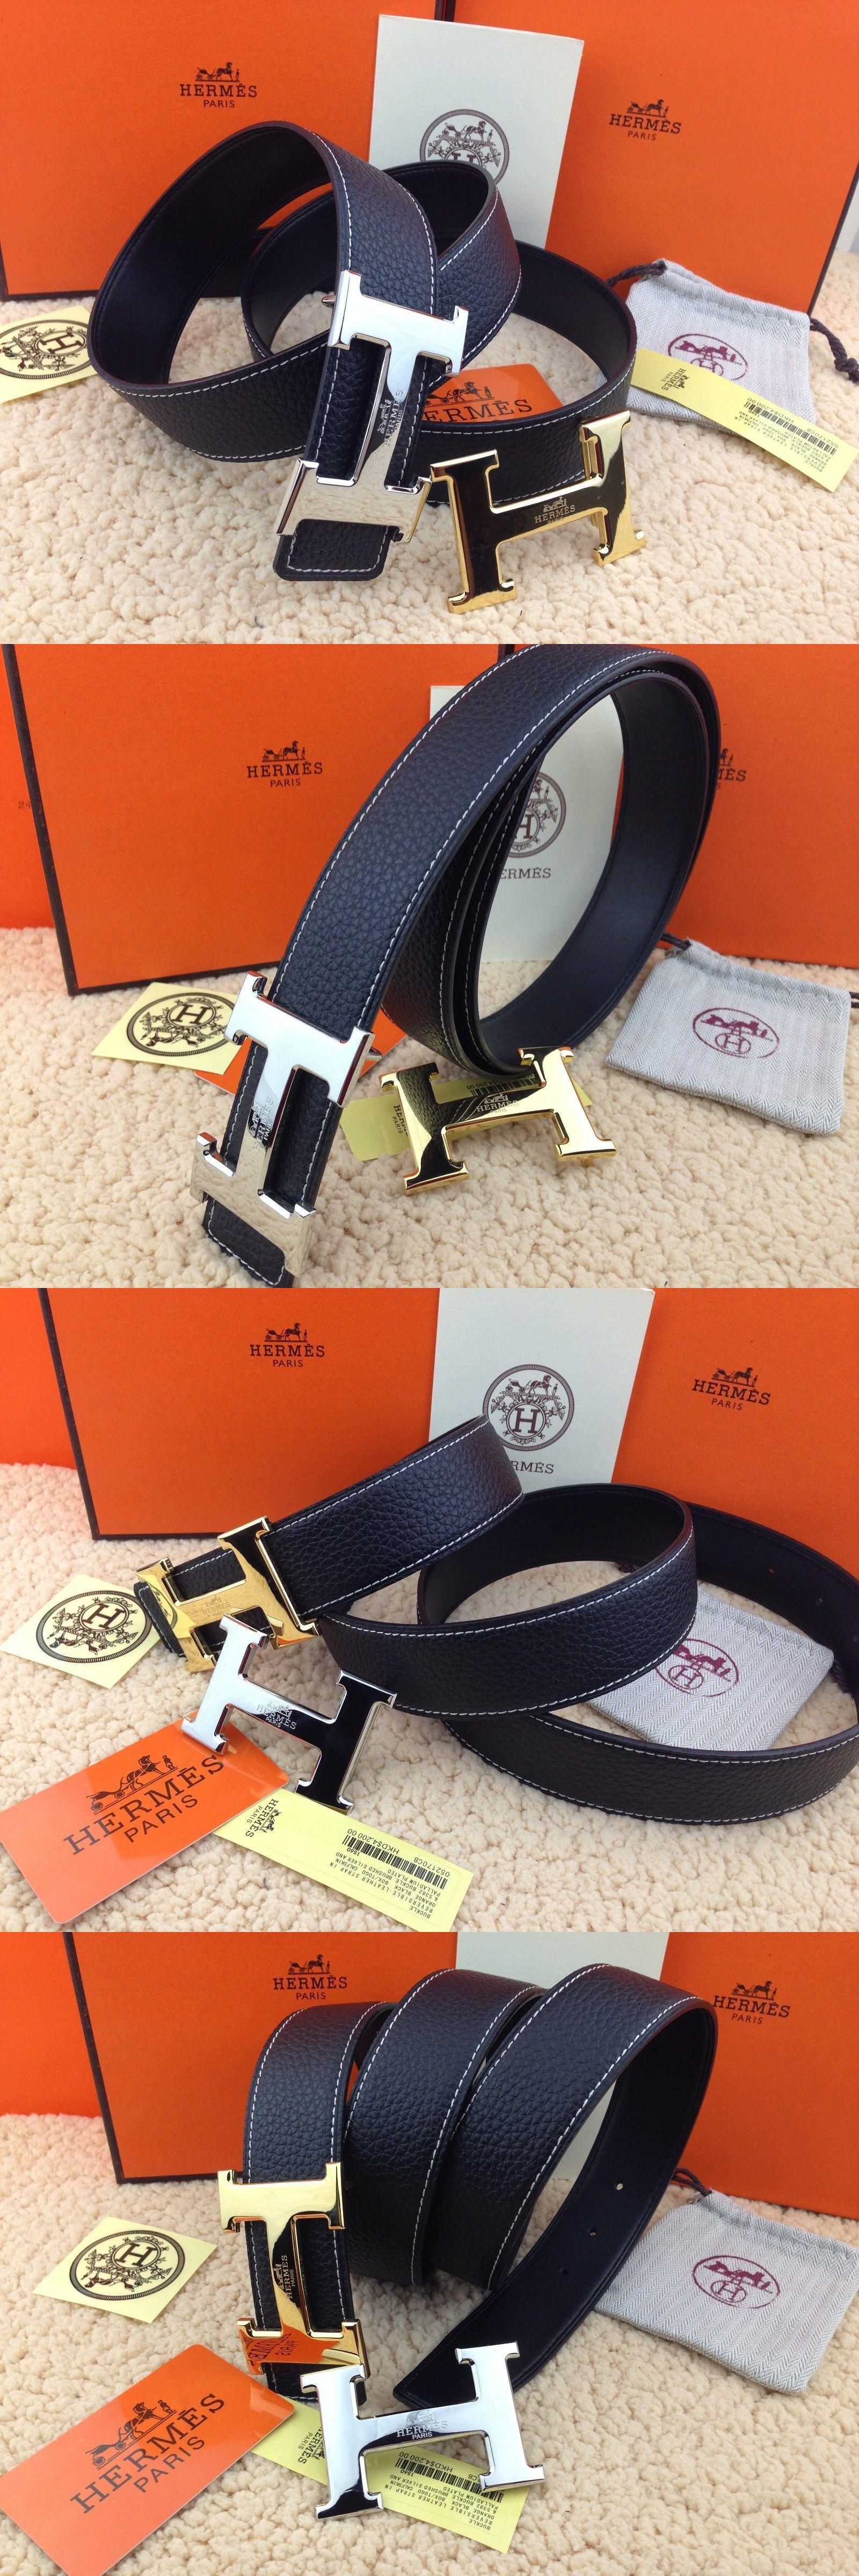 a6d16b21f ... promo code for belts 2993 hermes men s 38mm black belt 2h buckle gold  silver length